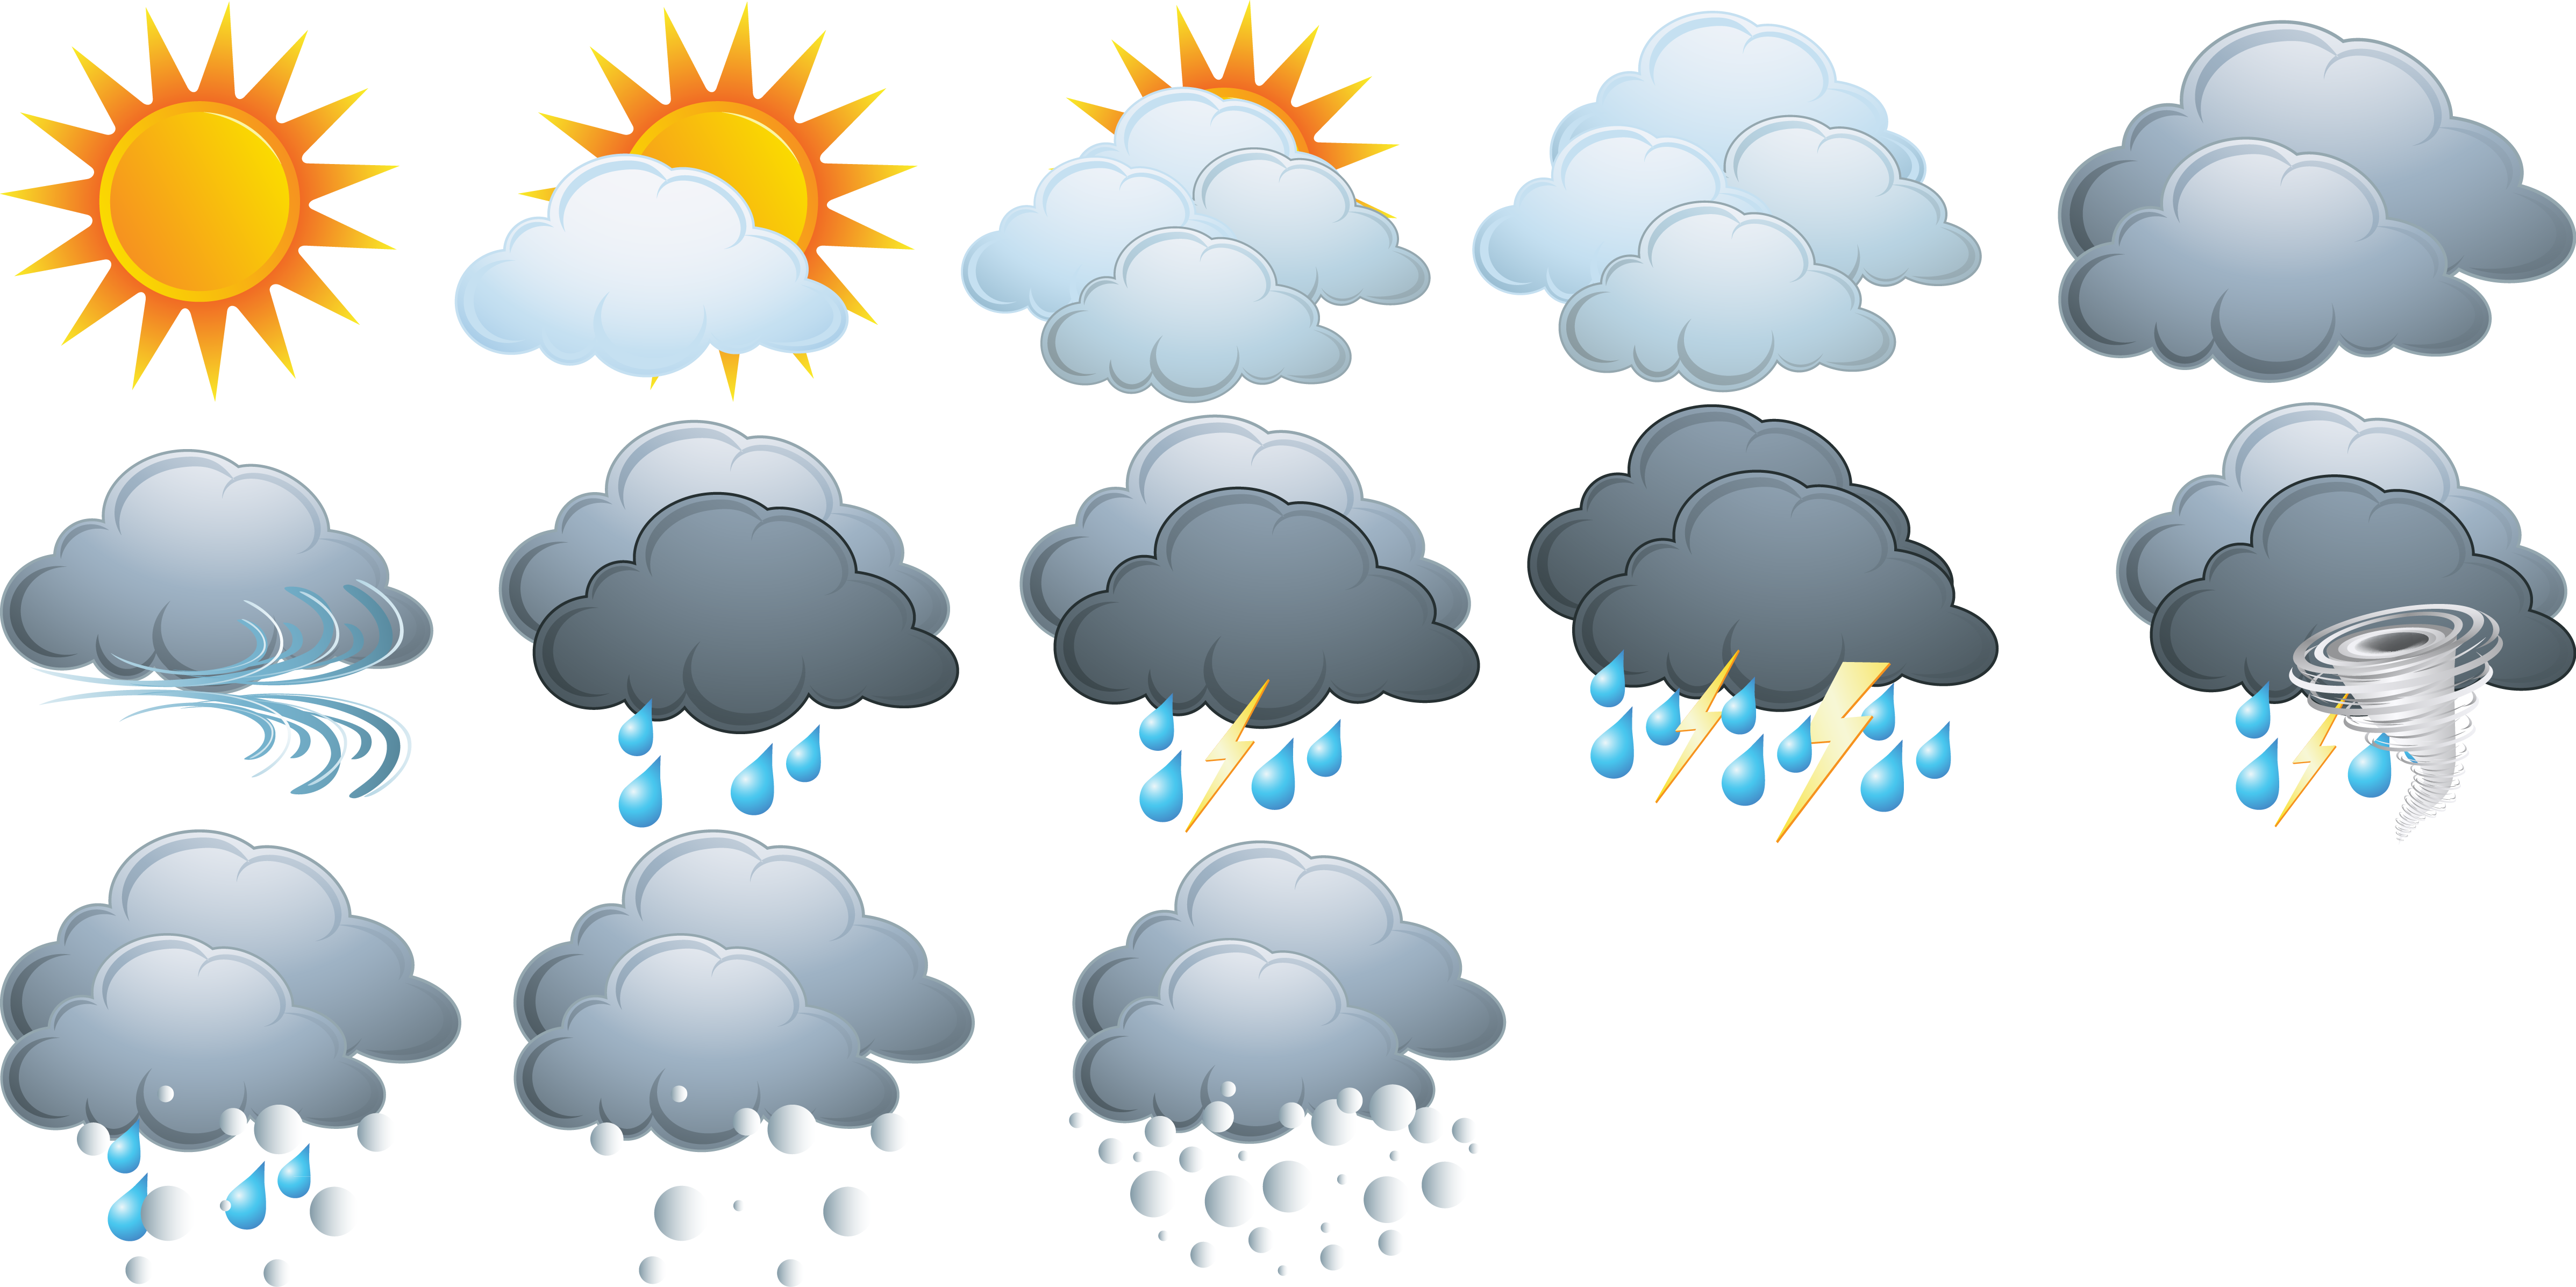 Погода в картинках